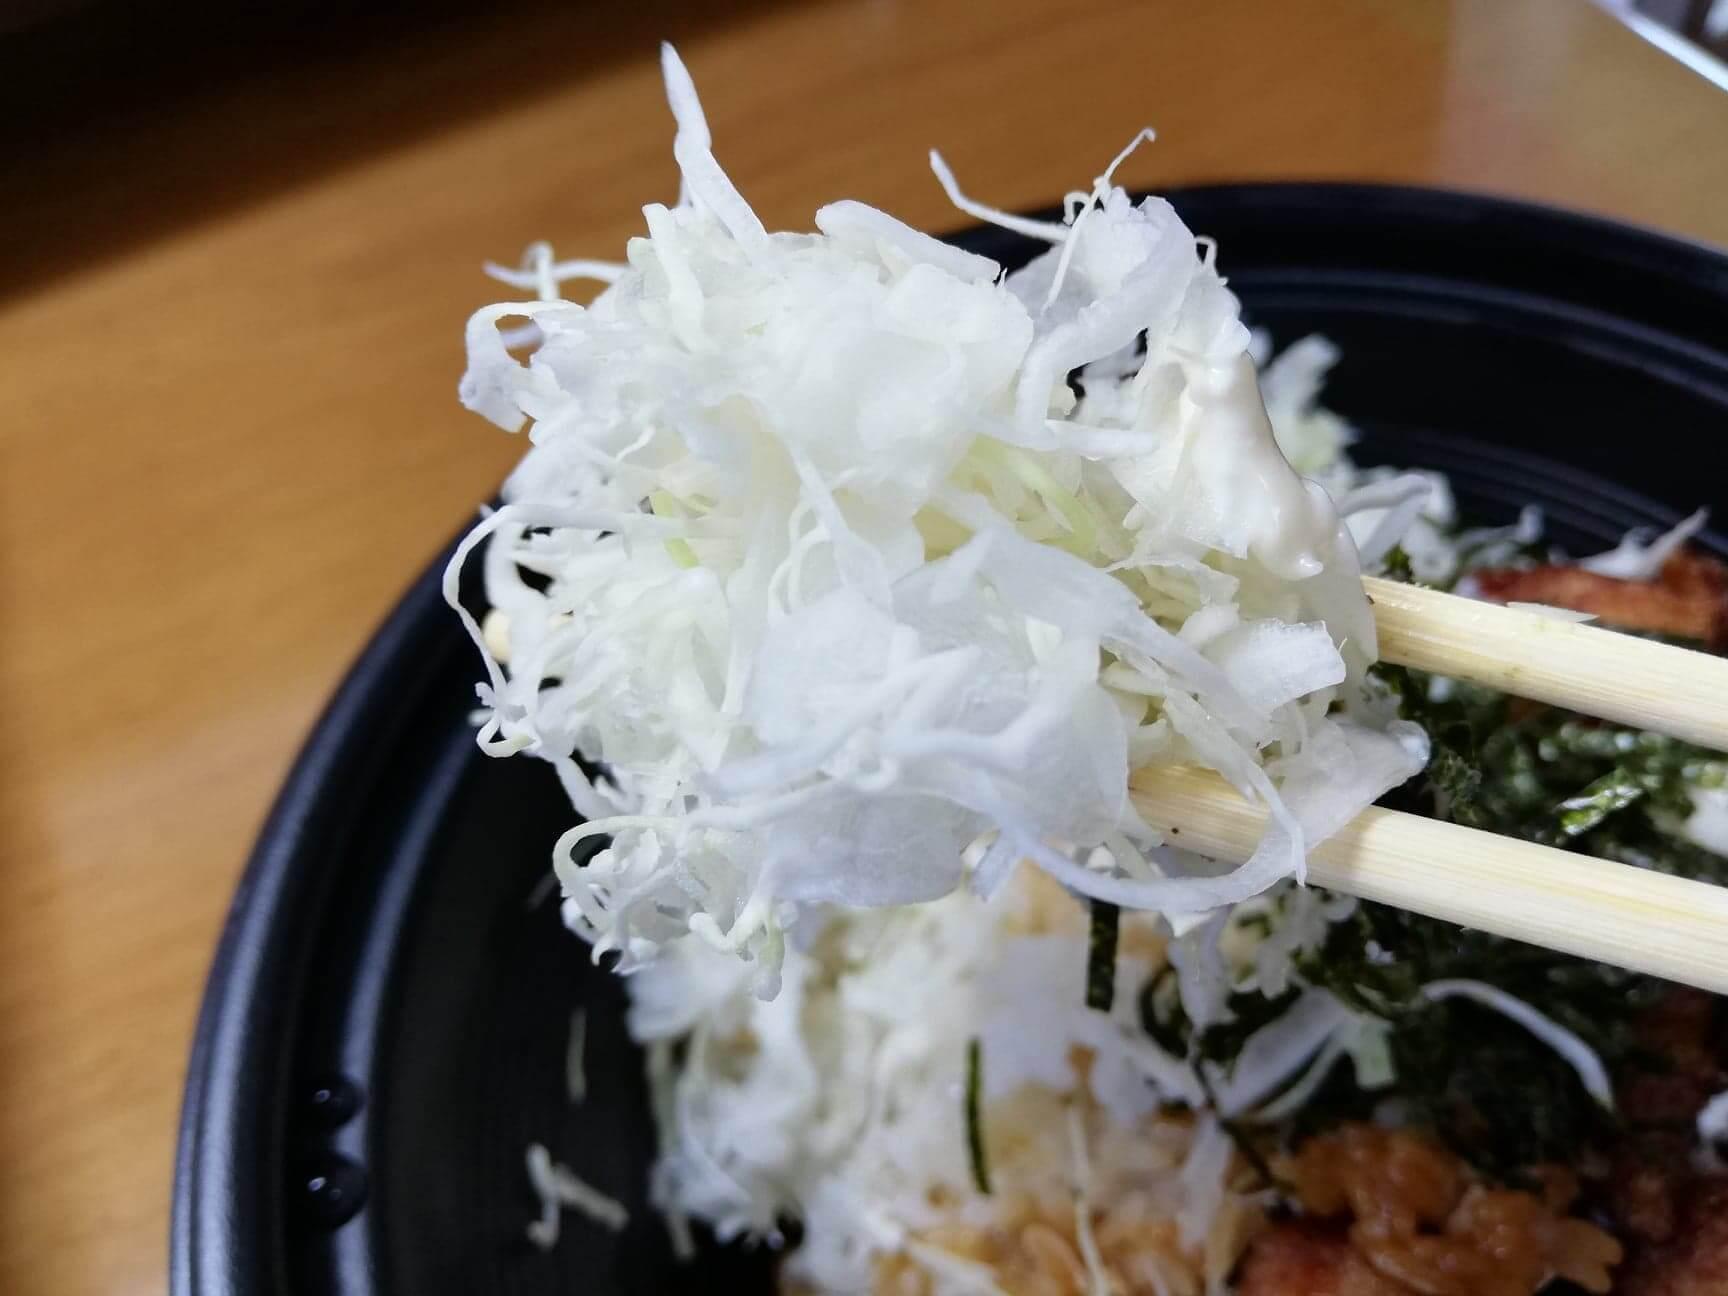 ガストのテイクアウトメニュー『ランチ唐揚げテリタル丼』のキャベツの写真